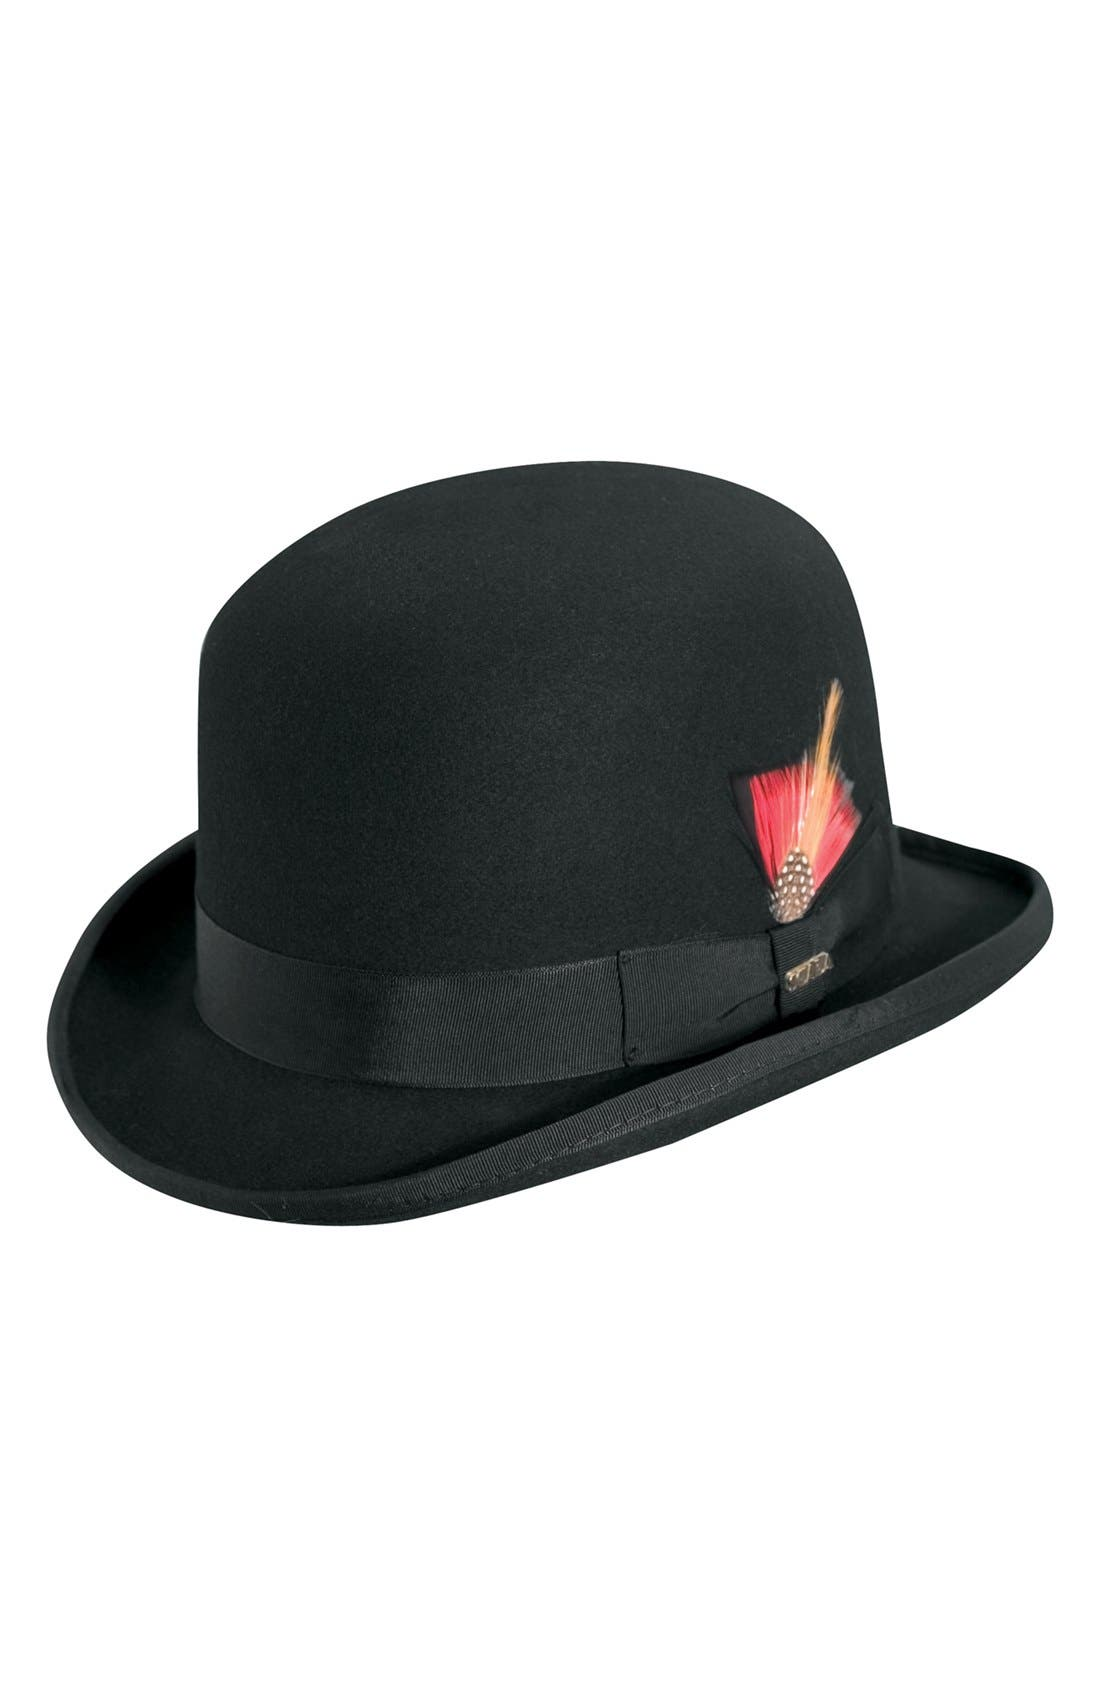 SCALA 'Classico' Wool Felt Derby Hat